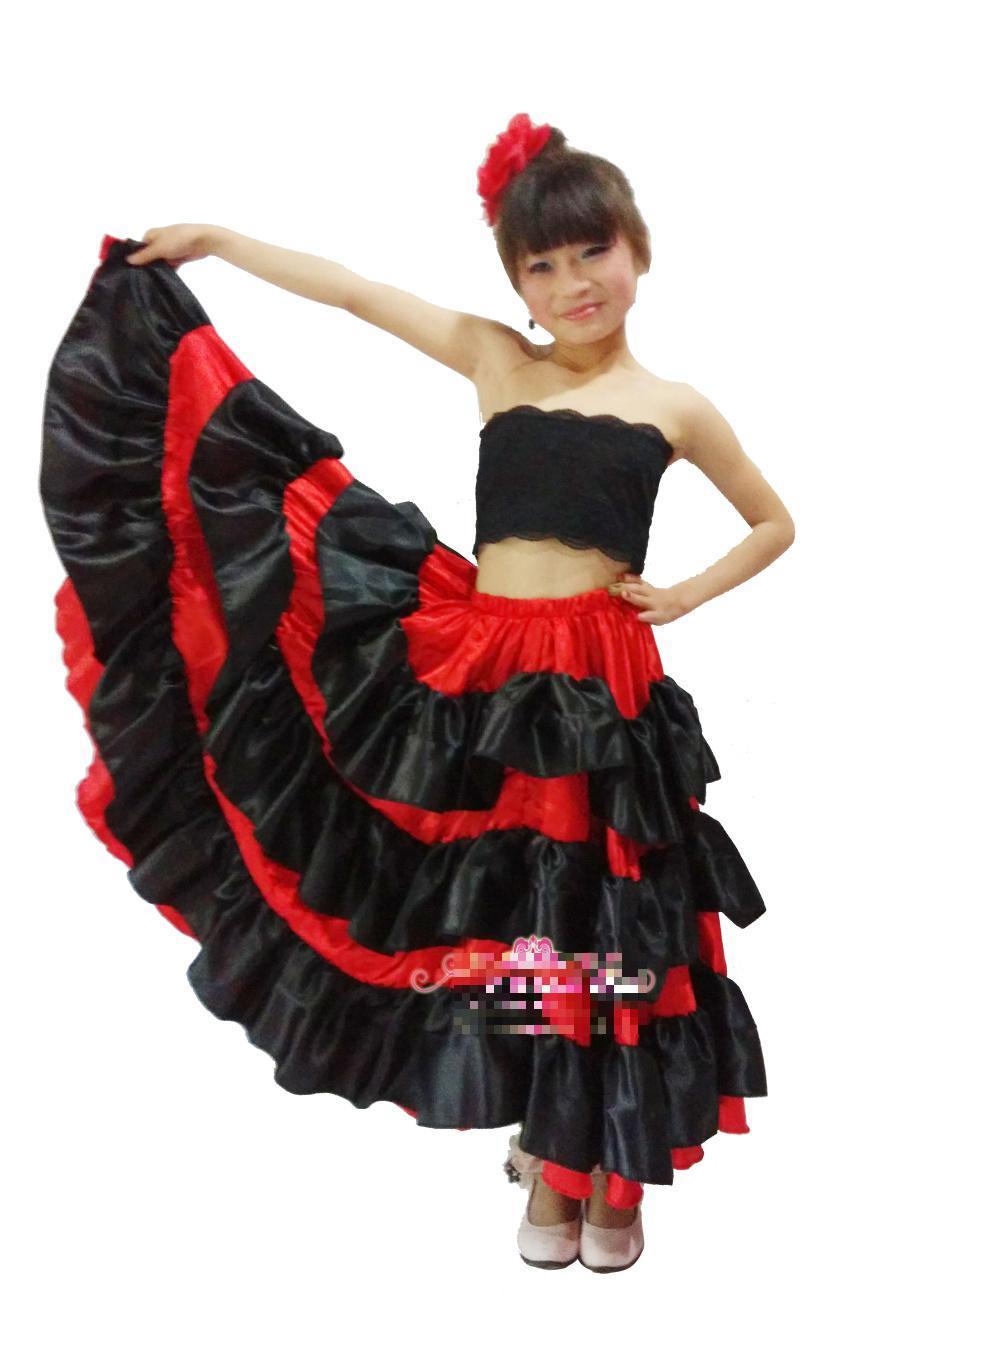 2018 New Kidu0027S Flamenco Dance Dress Girl Flamenco Dresses Spanish Paso Doble Dance Costume For Girl Samba Ballroom Dresses From Allstars $16.28 | Dhgate.  sc 1 st  DHgate.com & 2018 New Kidu0027S Flamenco Dance Dress Girl Flamenco Dresses Spanish ...